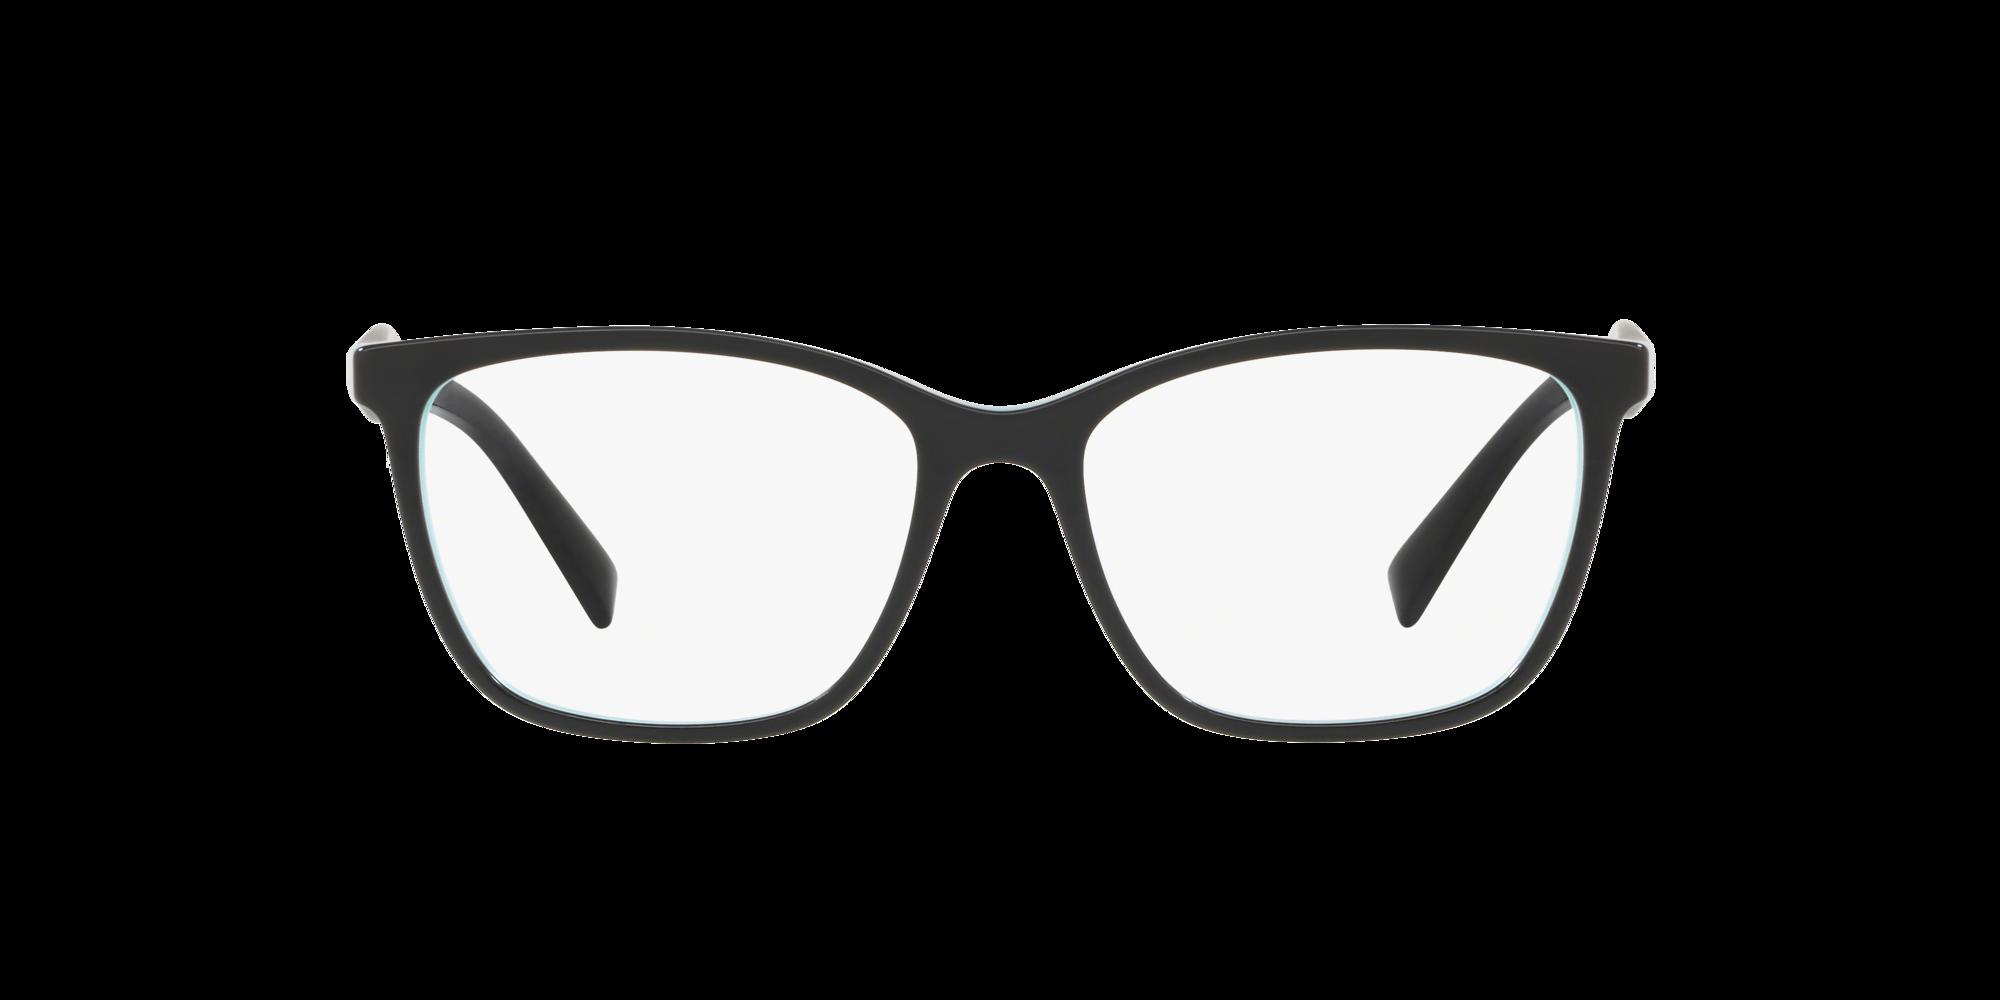 Imagen para TF2175 de LensCrafters |  Espejuelos, espejuelos graduados en línea, gafas